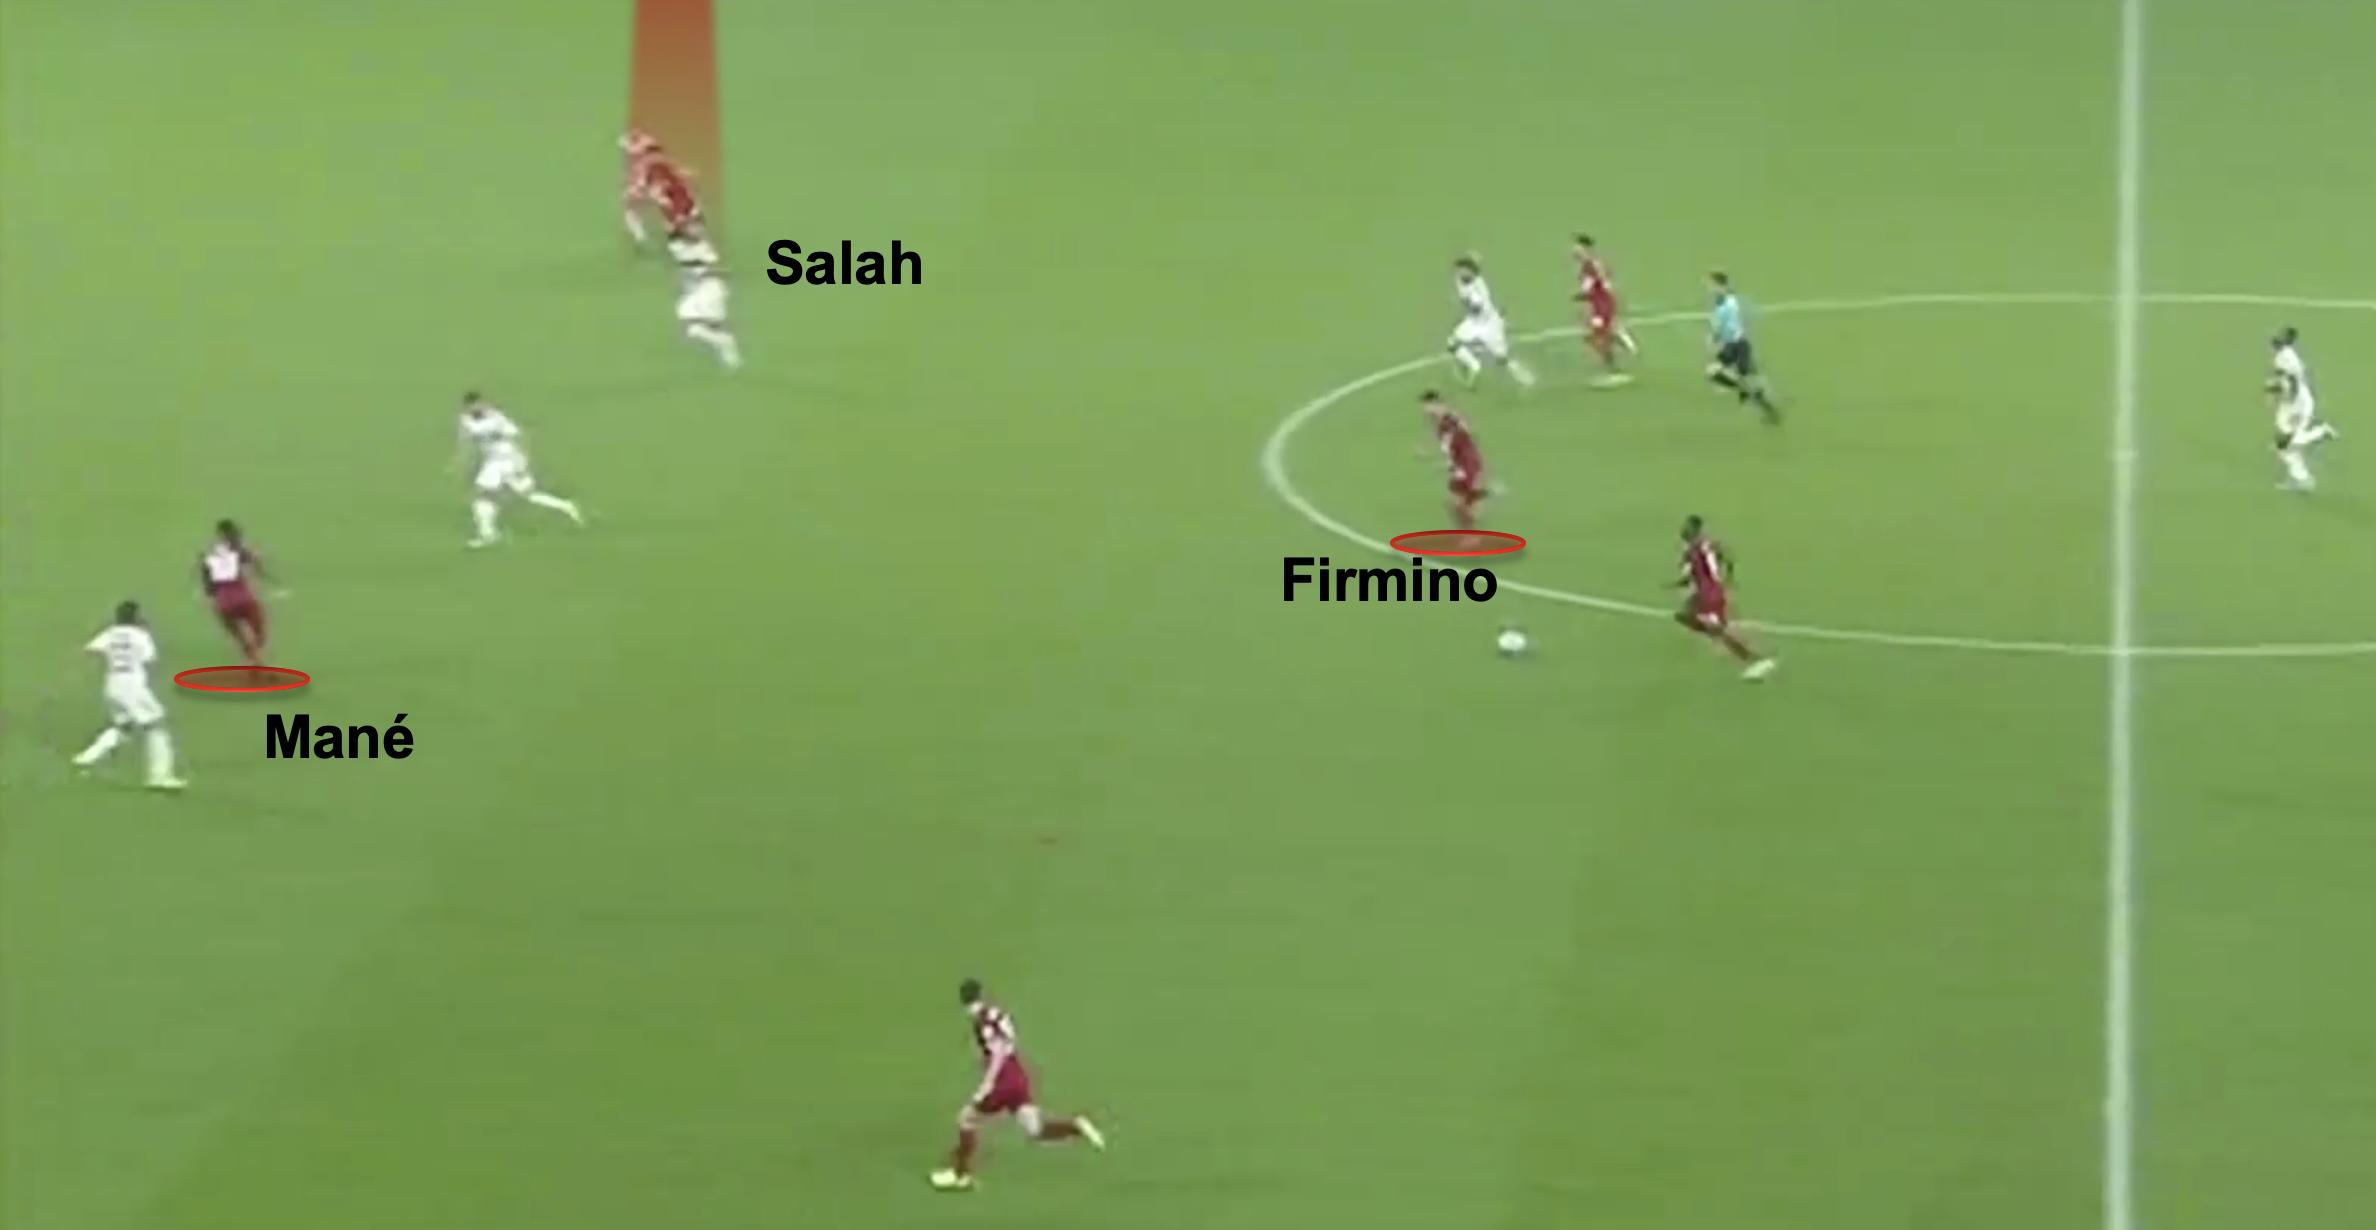 FIFA Club World Cup 2019: Liverpool vs Flamengo - tactical analysis tactics